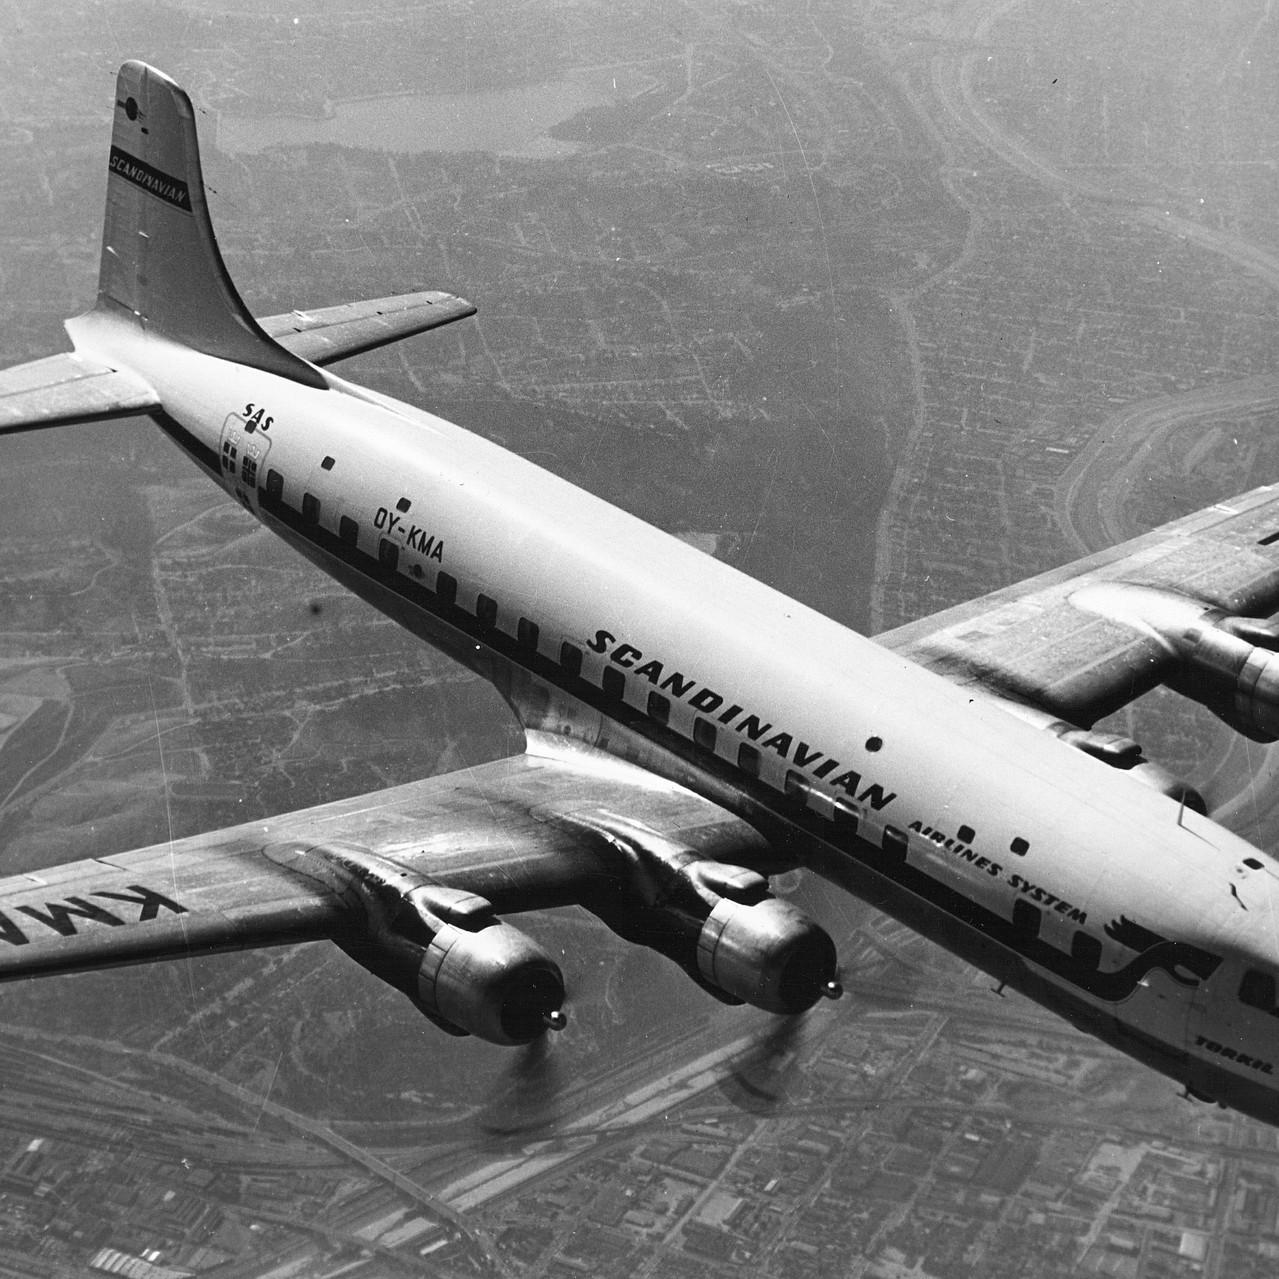 003_1960s_DC6B_image-SAS